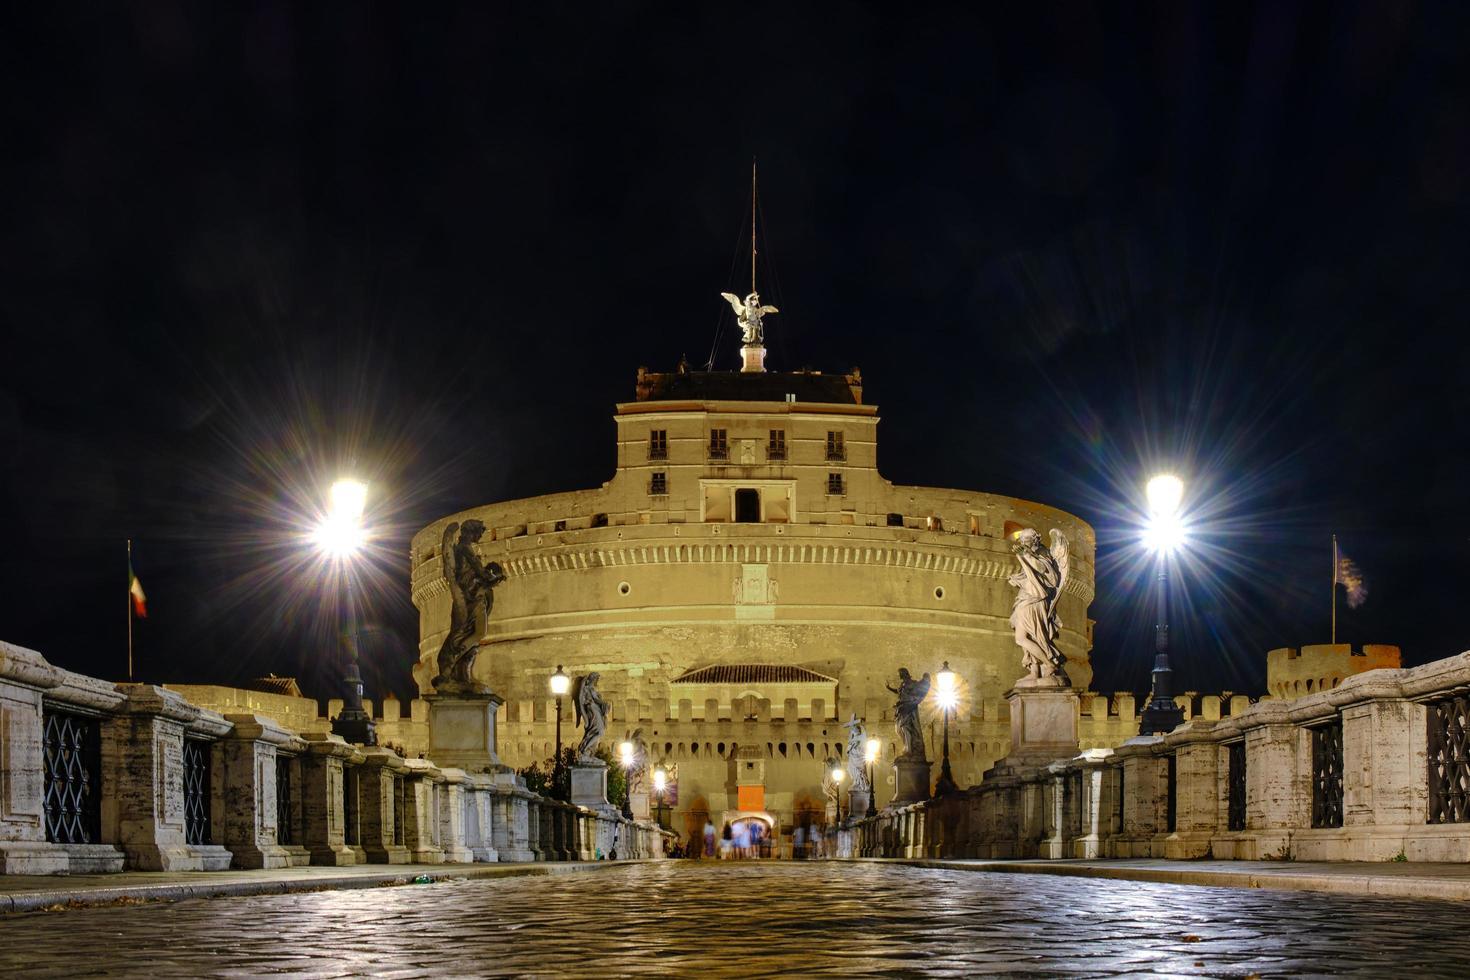 castel sant'angelo på natten, Vatikanstaten foto